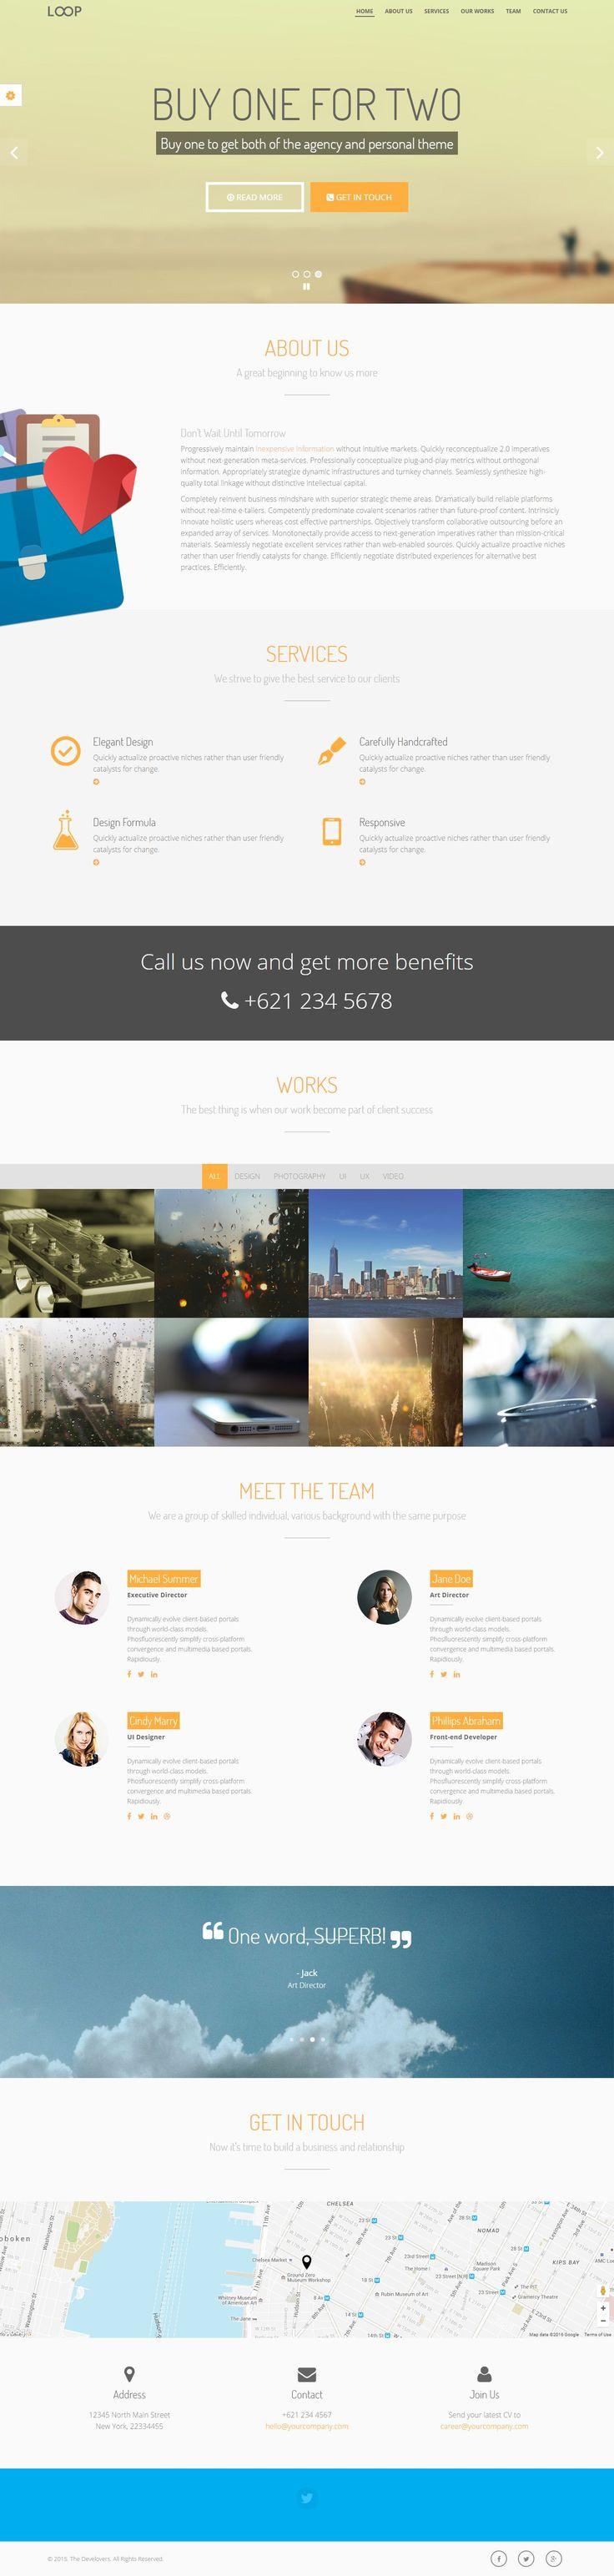 35 best Bootstrap images on Pinterest | Benutzerschnittstelle ...